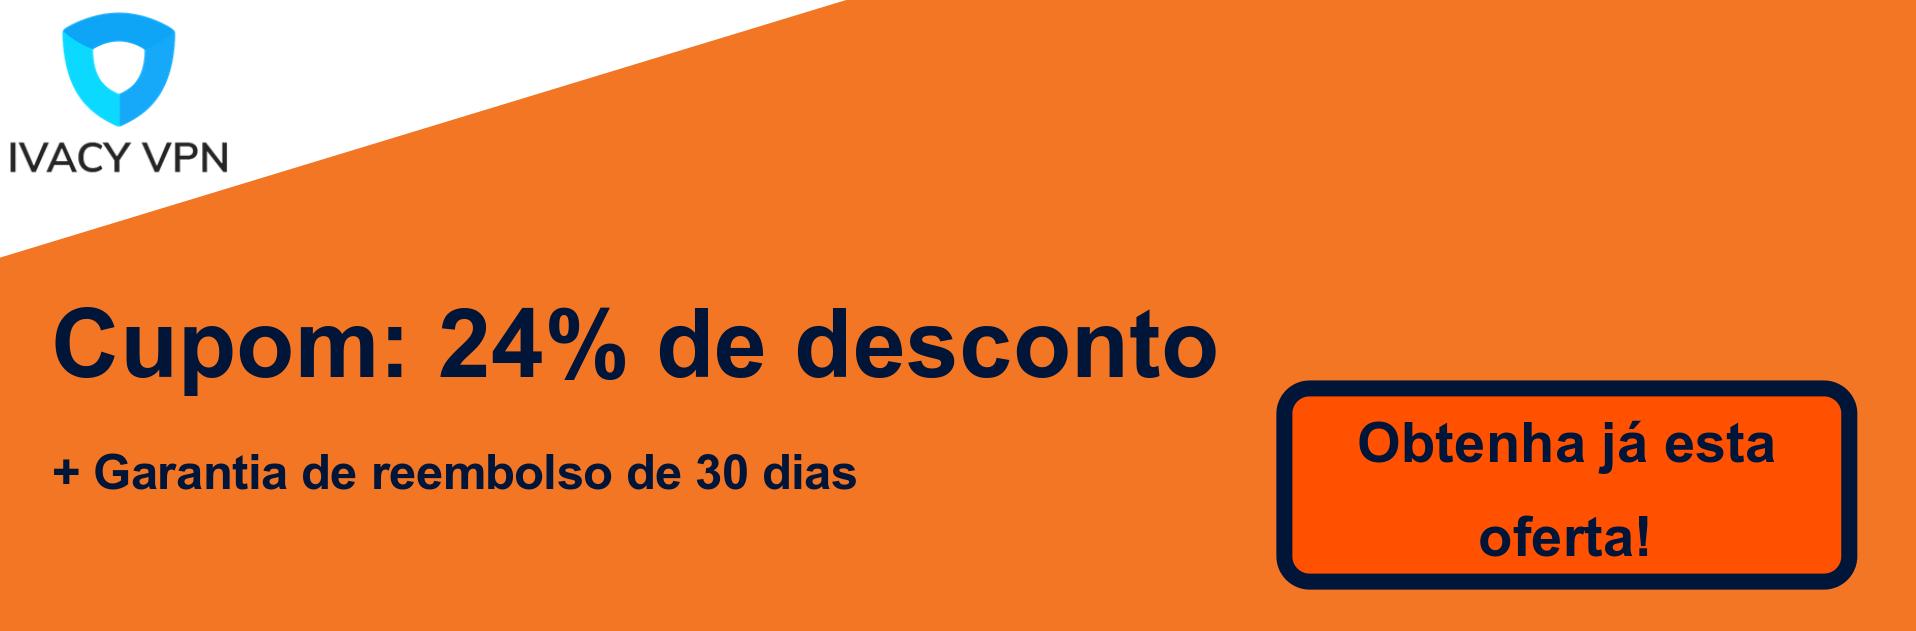 Banner de cupom do Ivacy VPN - 24% de desconto